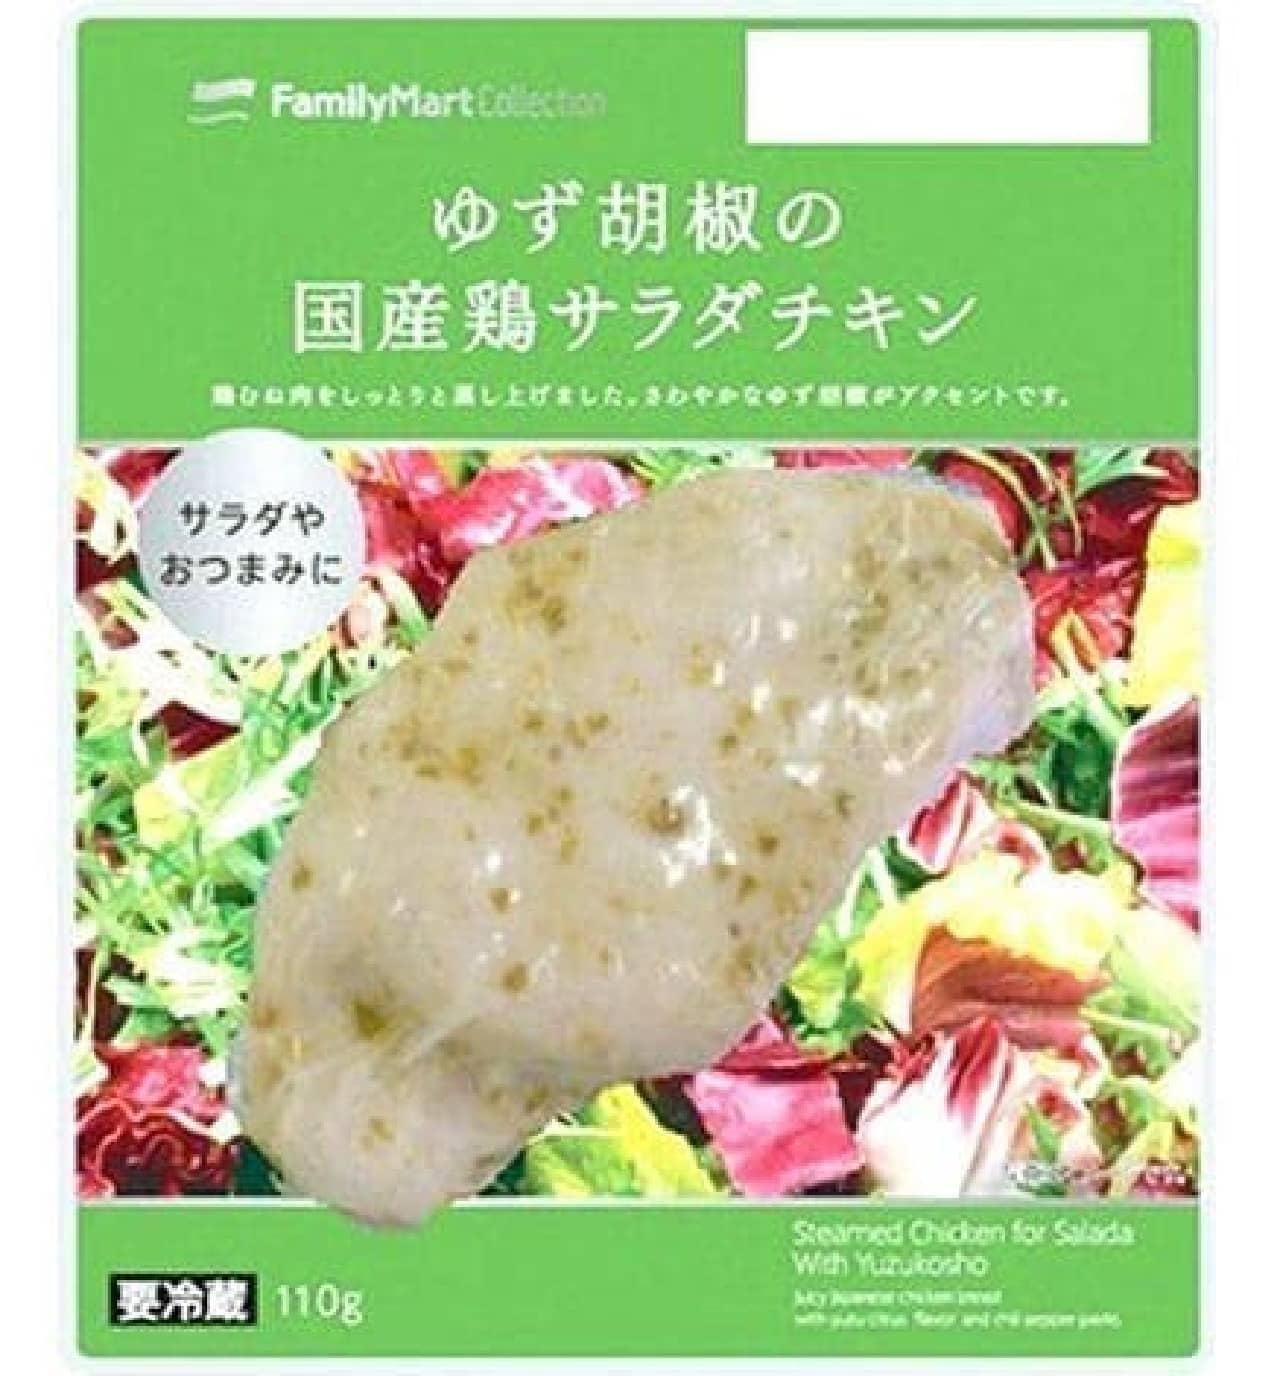 ファミリーマート「国産鶏サラダチキン ゆず胡椒」